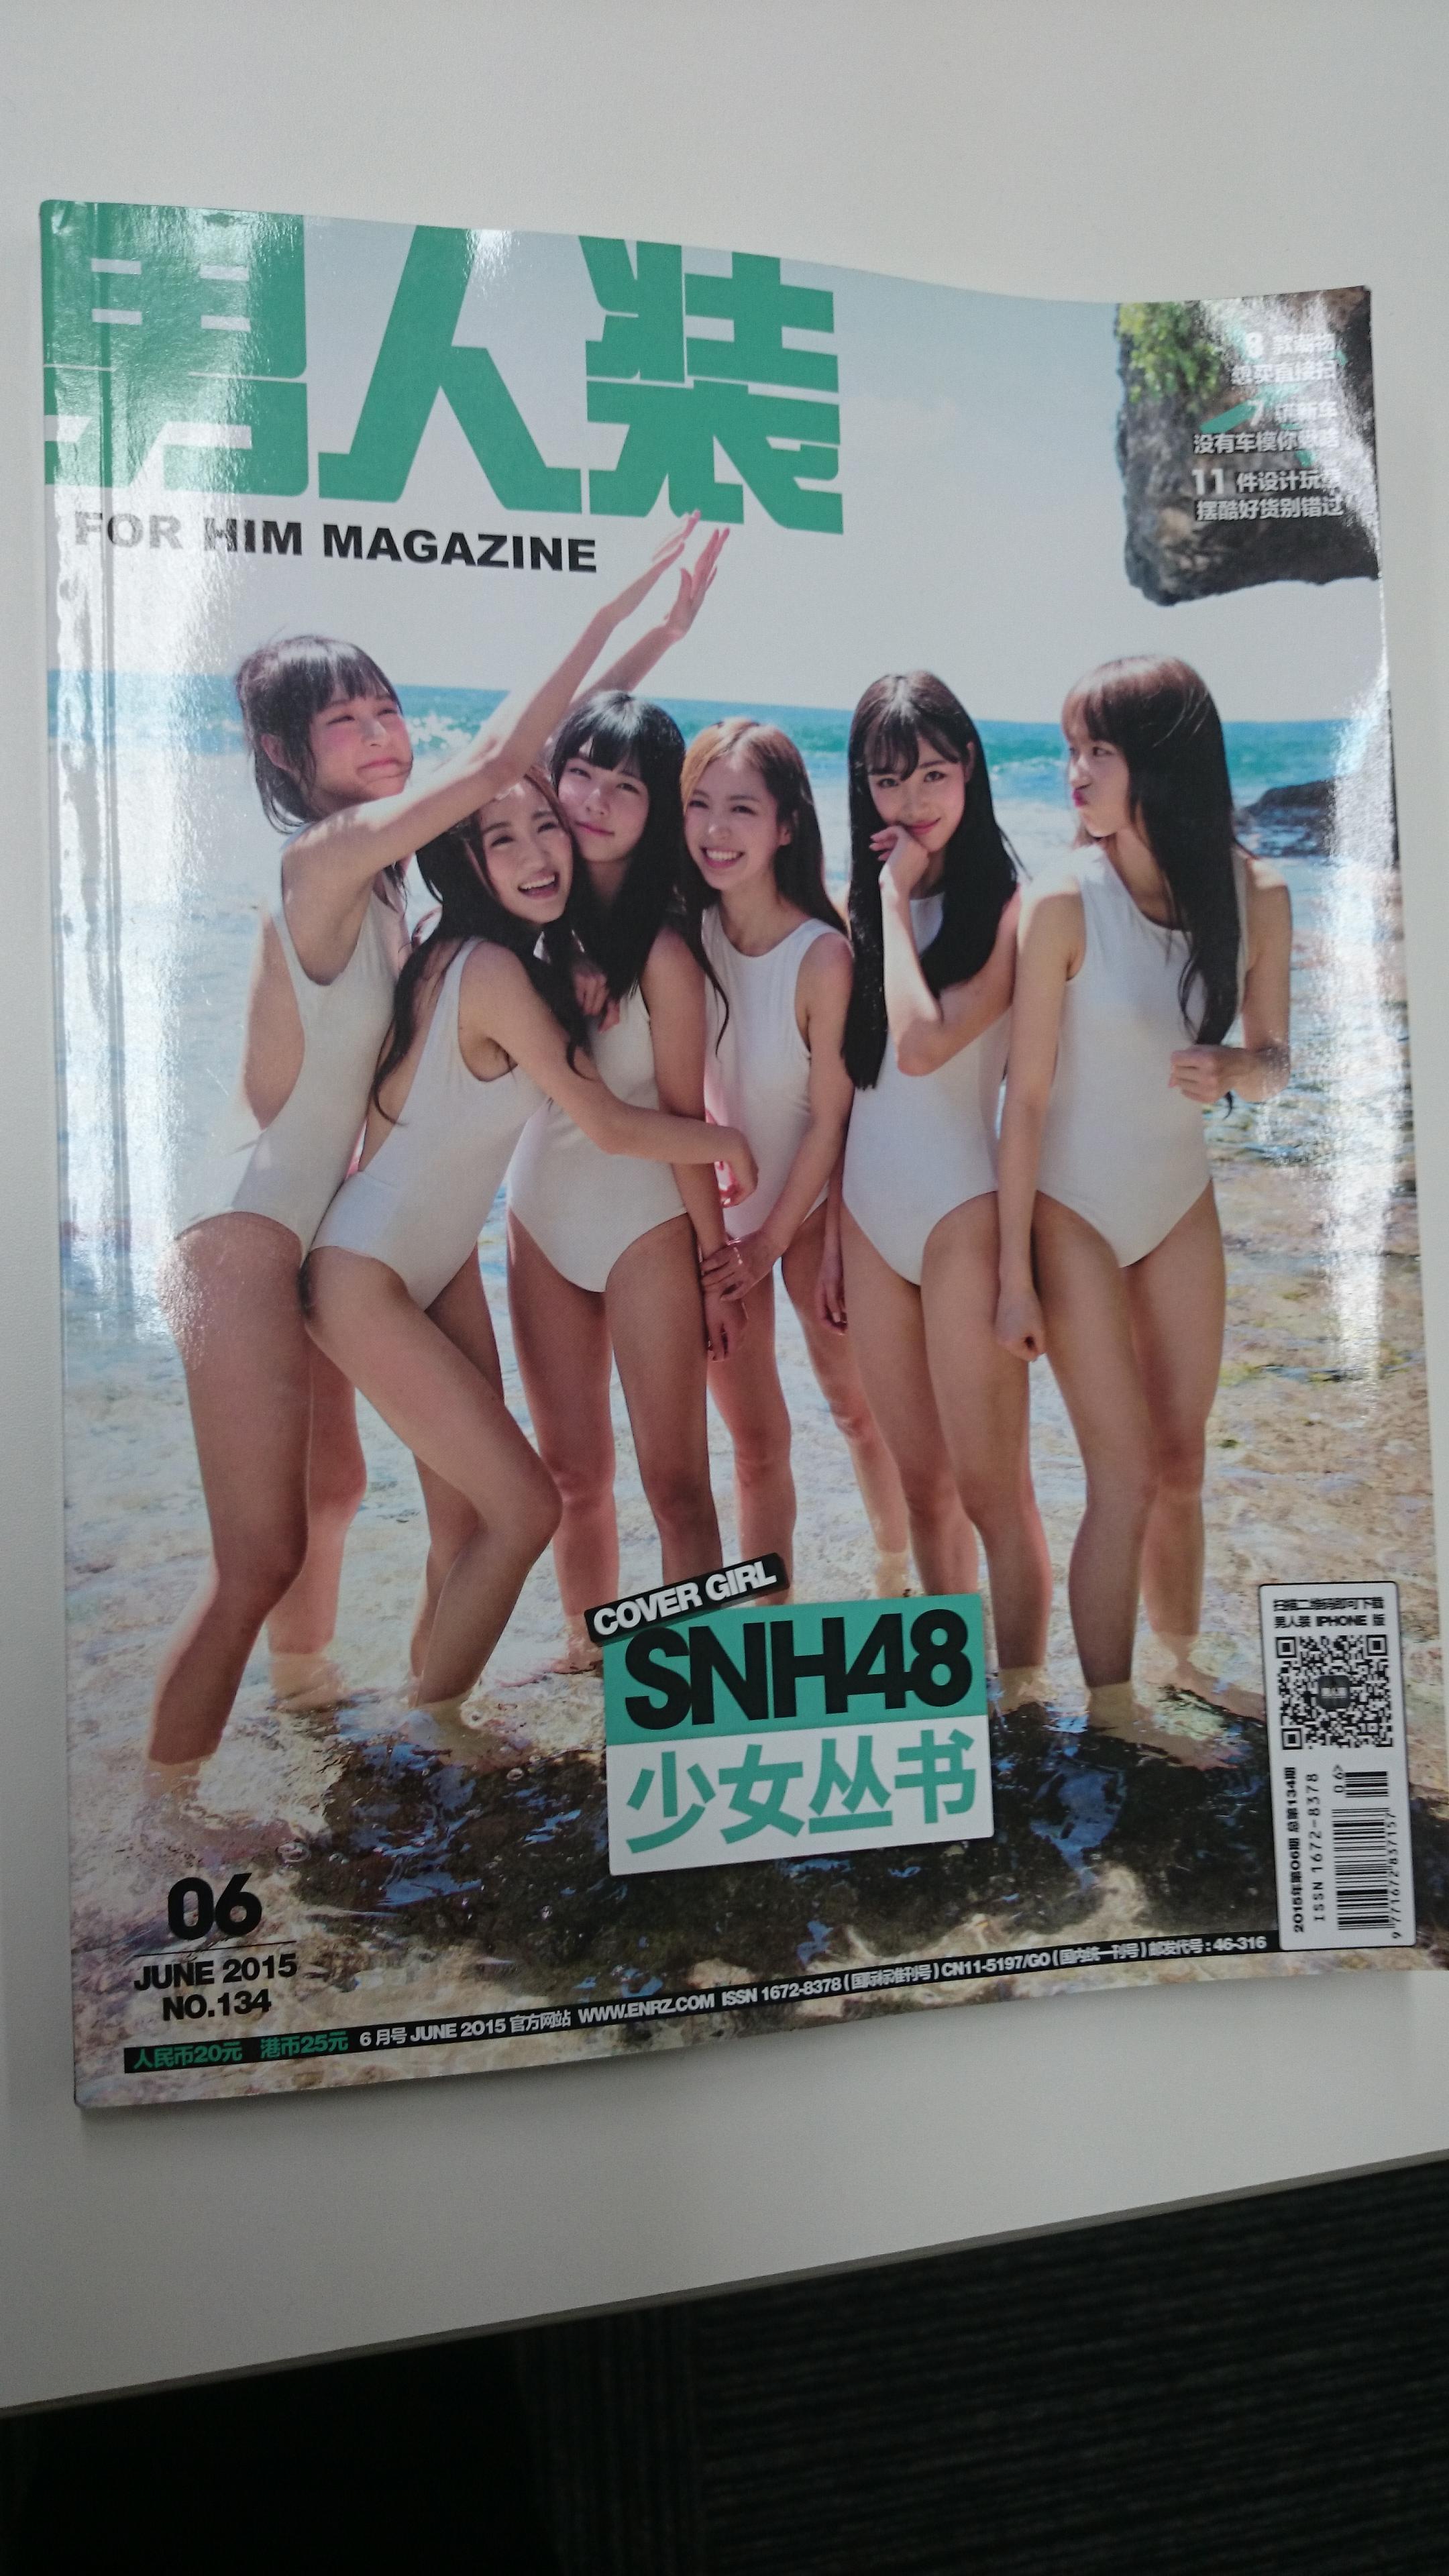 白いスクール水着がエロすぎwww SNH48カバーガール『男人装』を買ってみた!